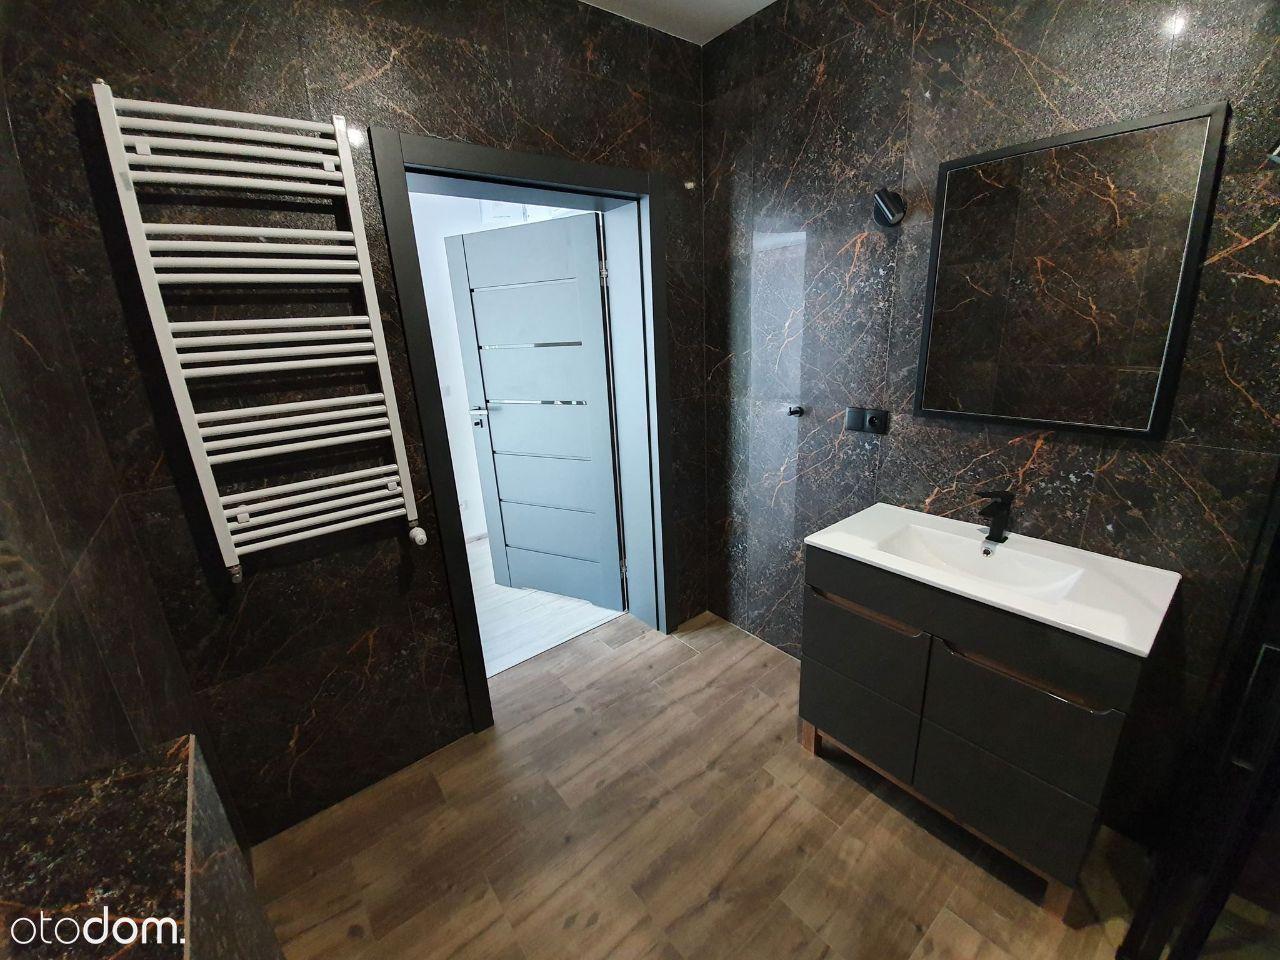 Nowe mieszkanie Śródka 2 pokoje, bez podatku PCC